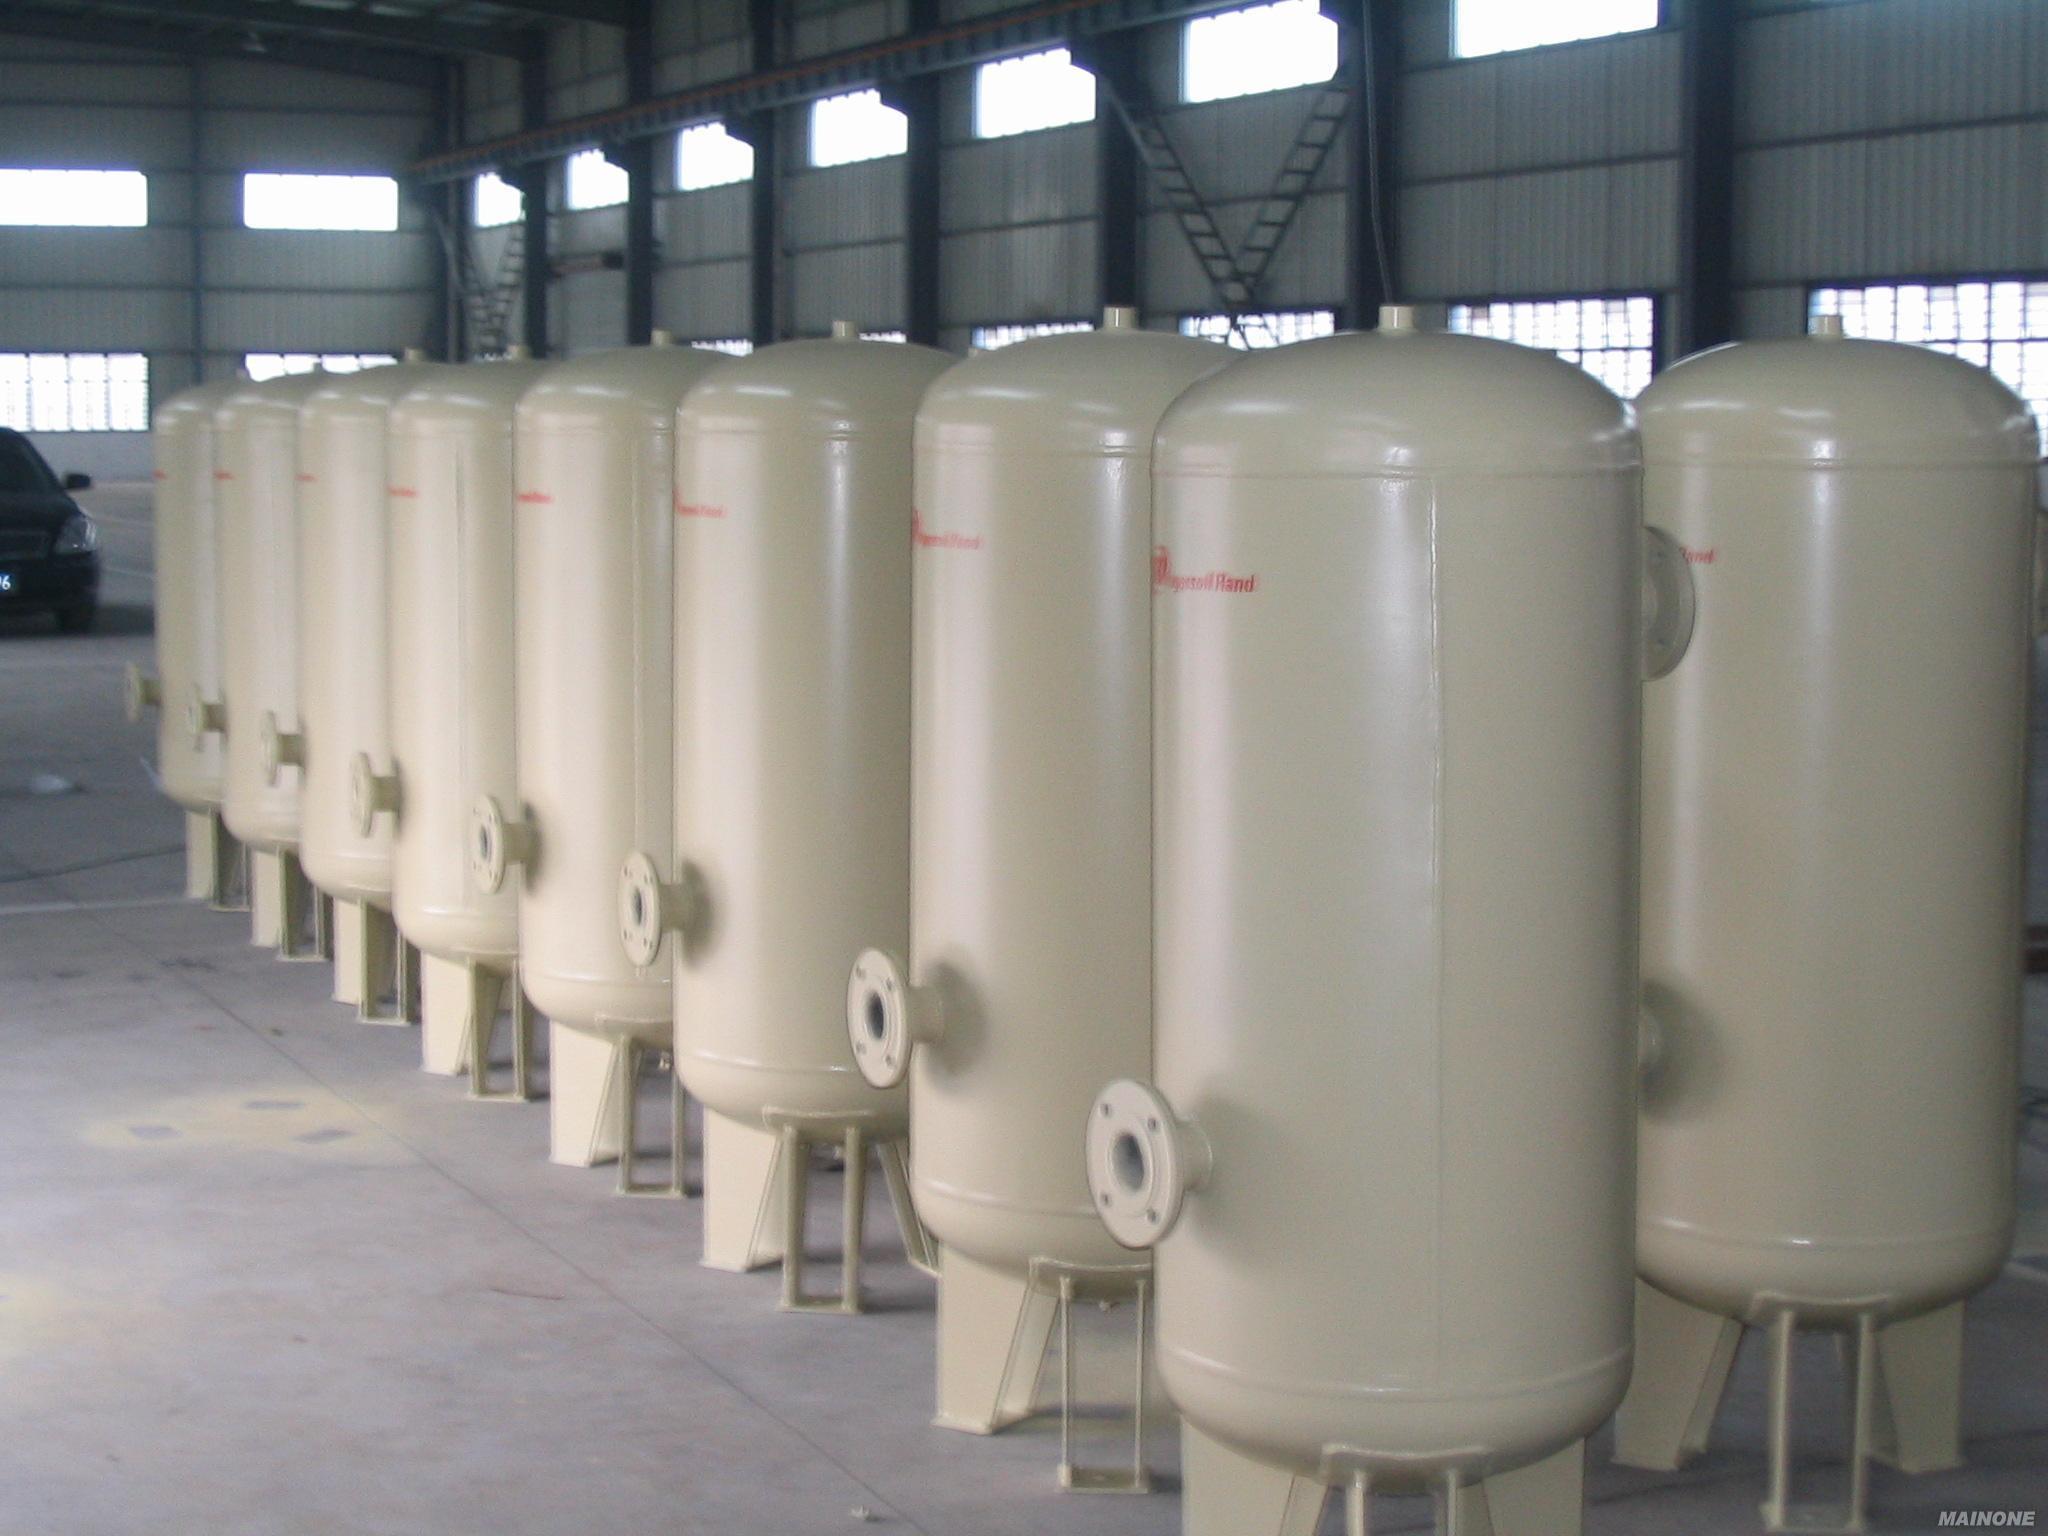 南京奥能锅炉有限公司高压容器分公司压力容器生产线技术改造环境影响评价公示